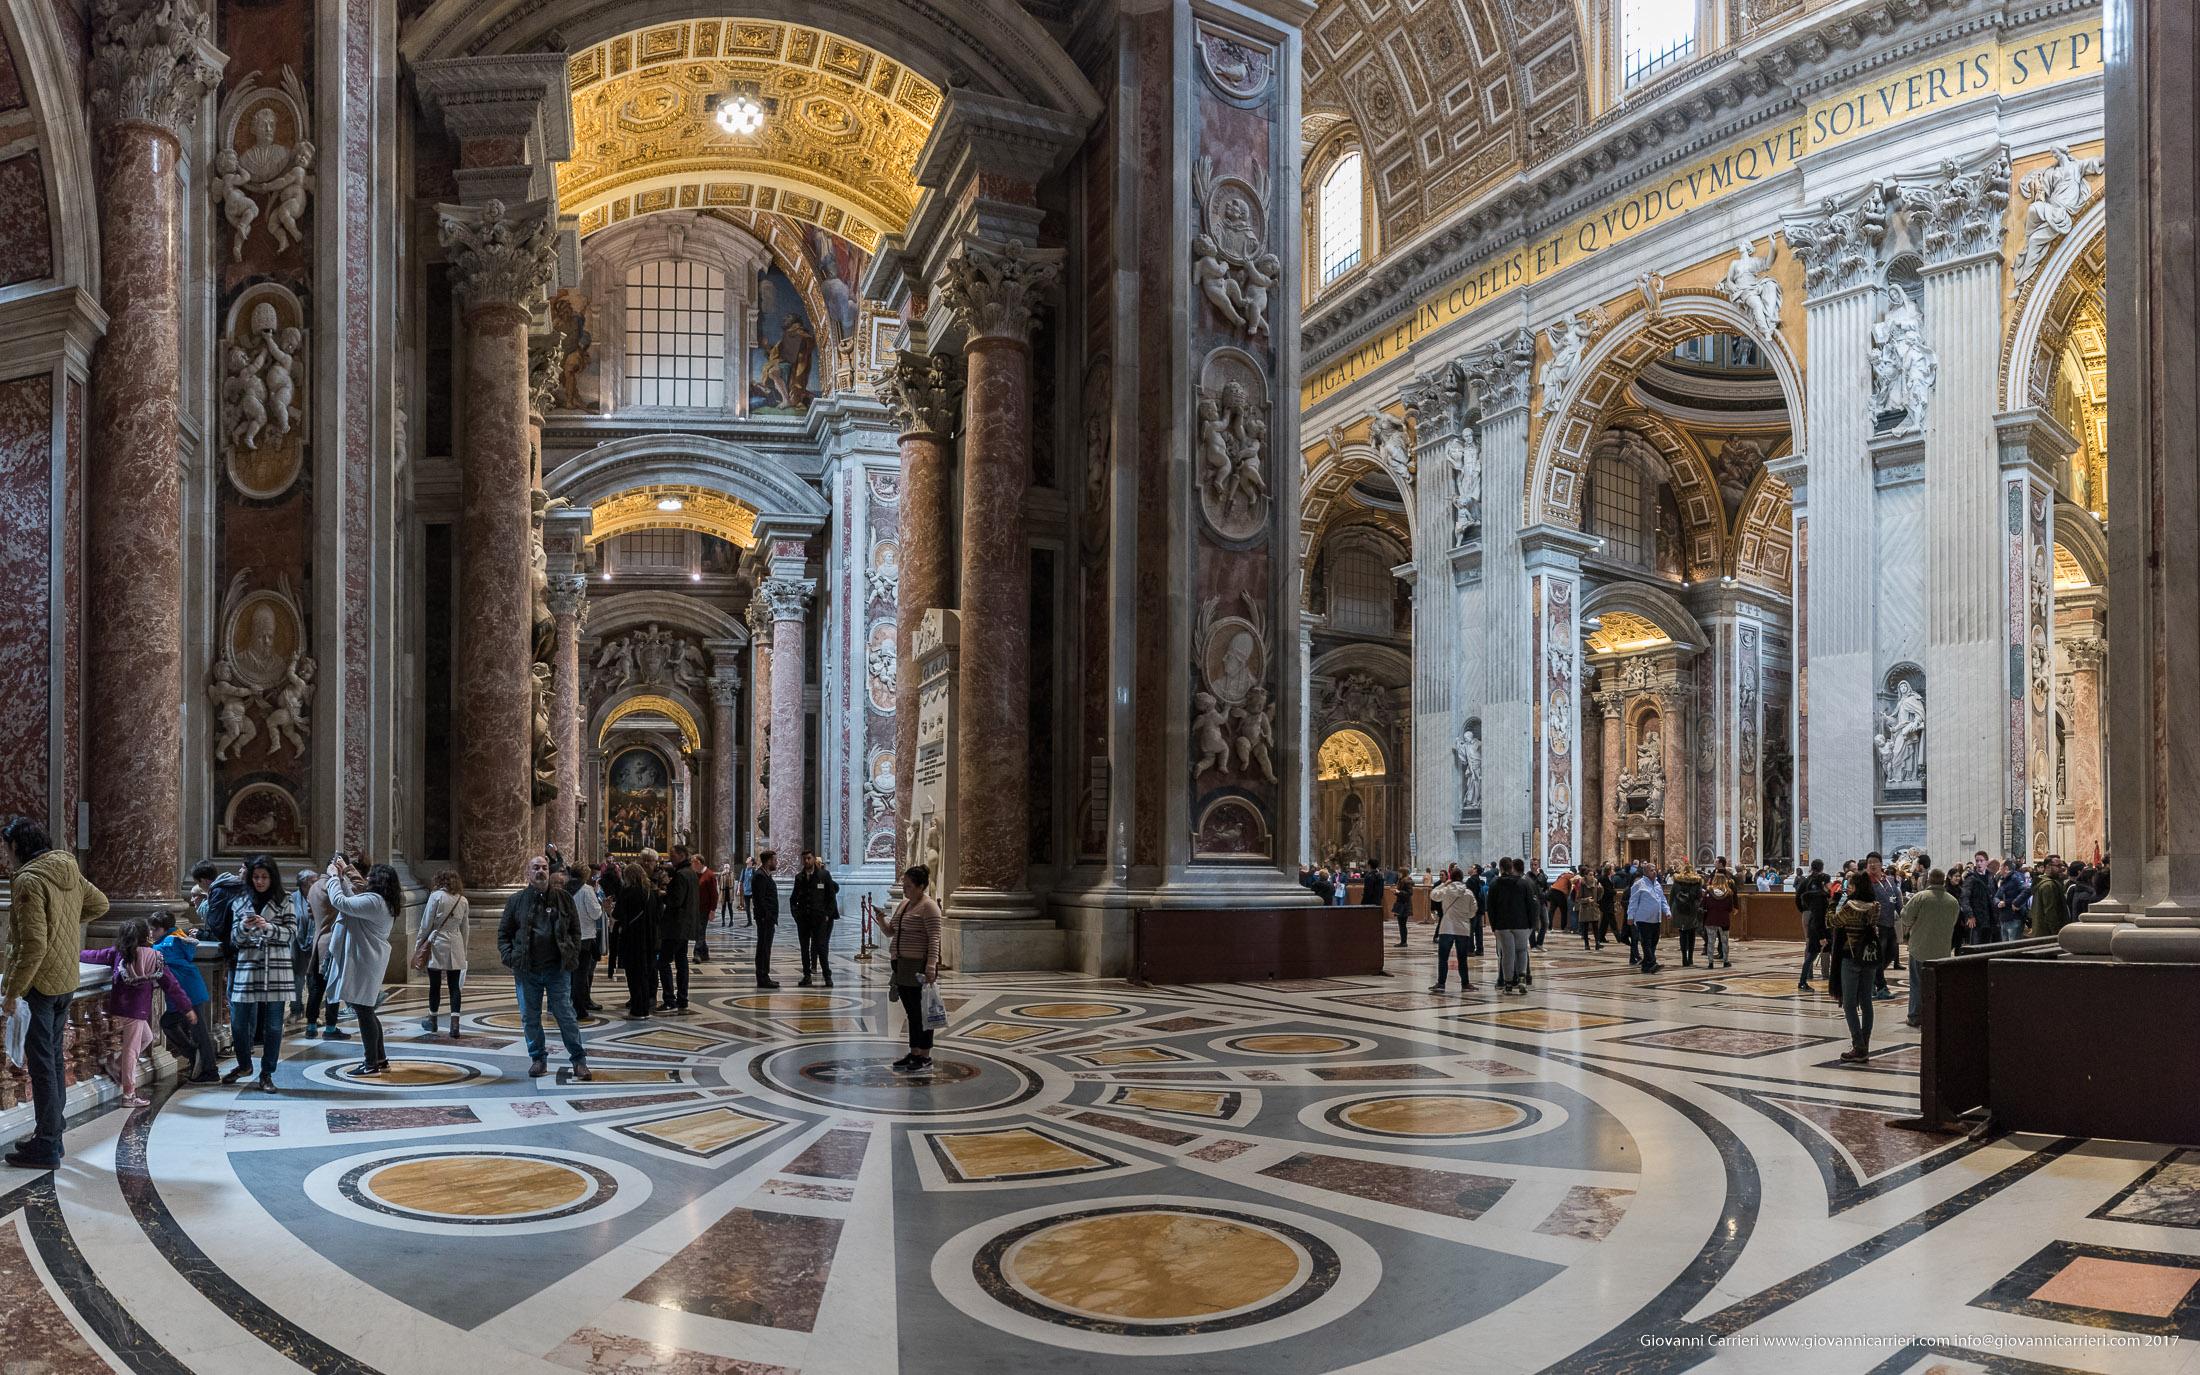 Vista interna della Basilica di San Pietro dalla navata sinistra